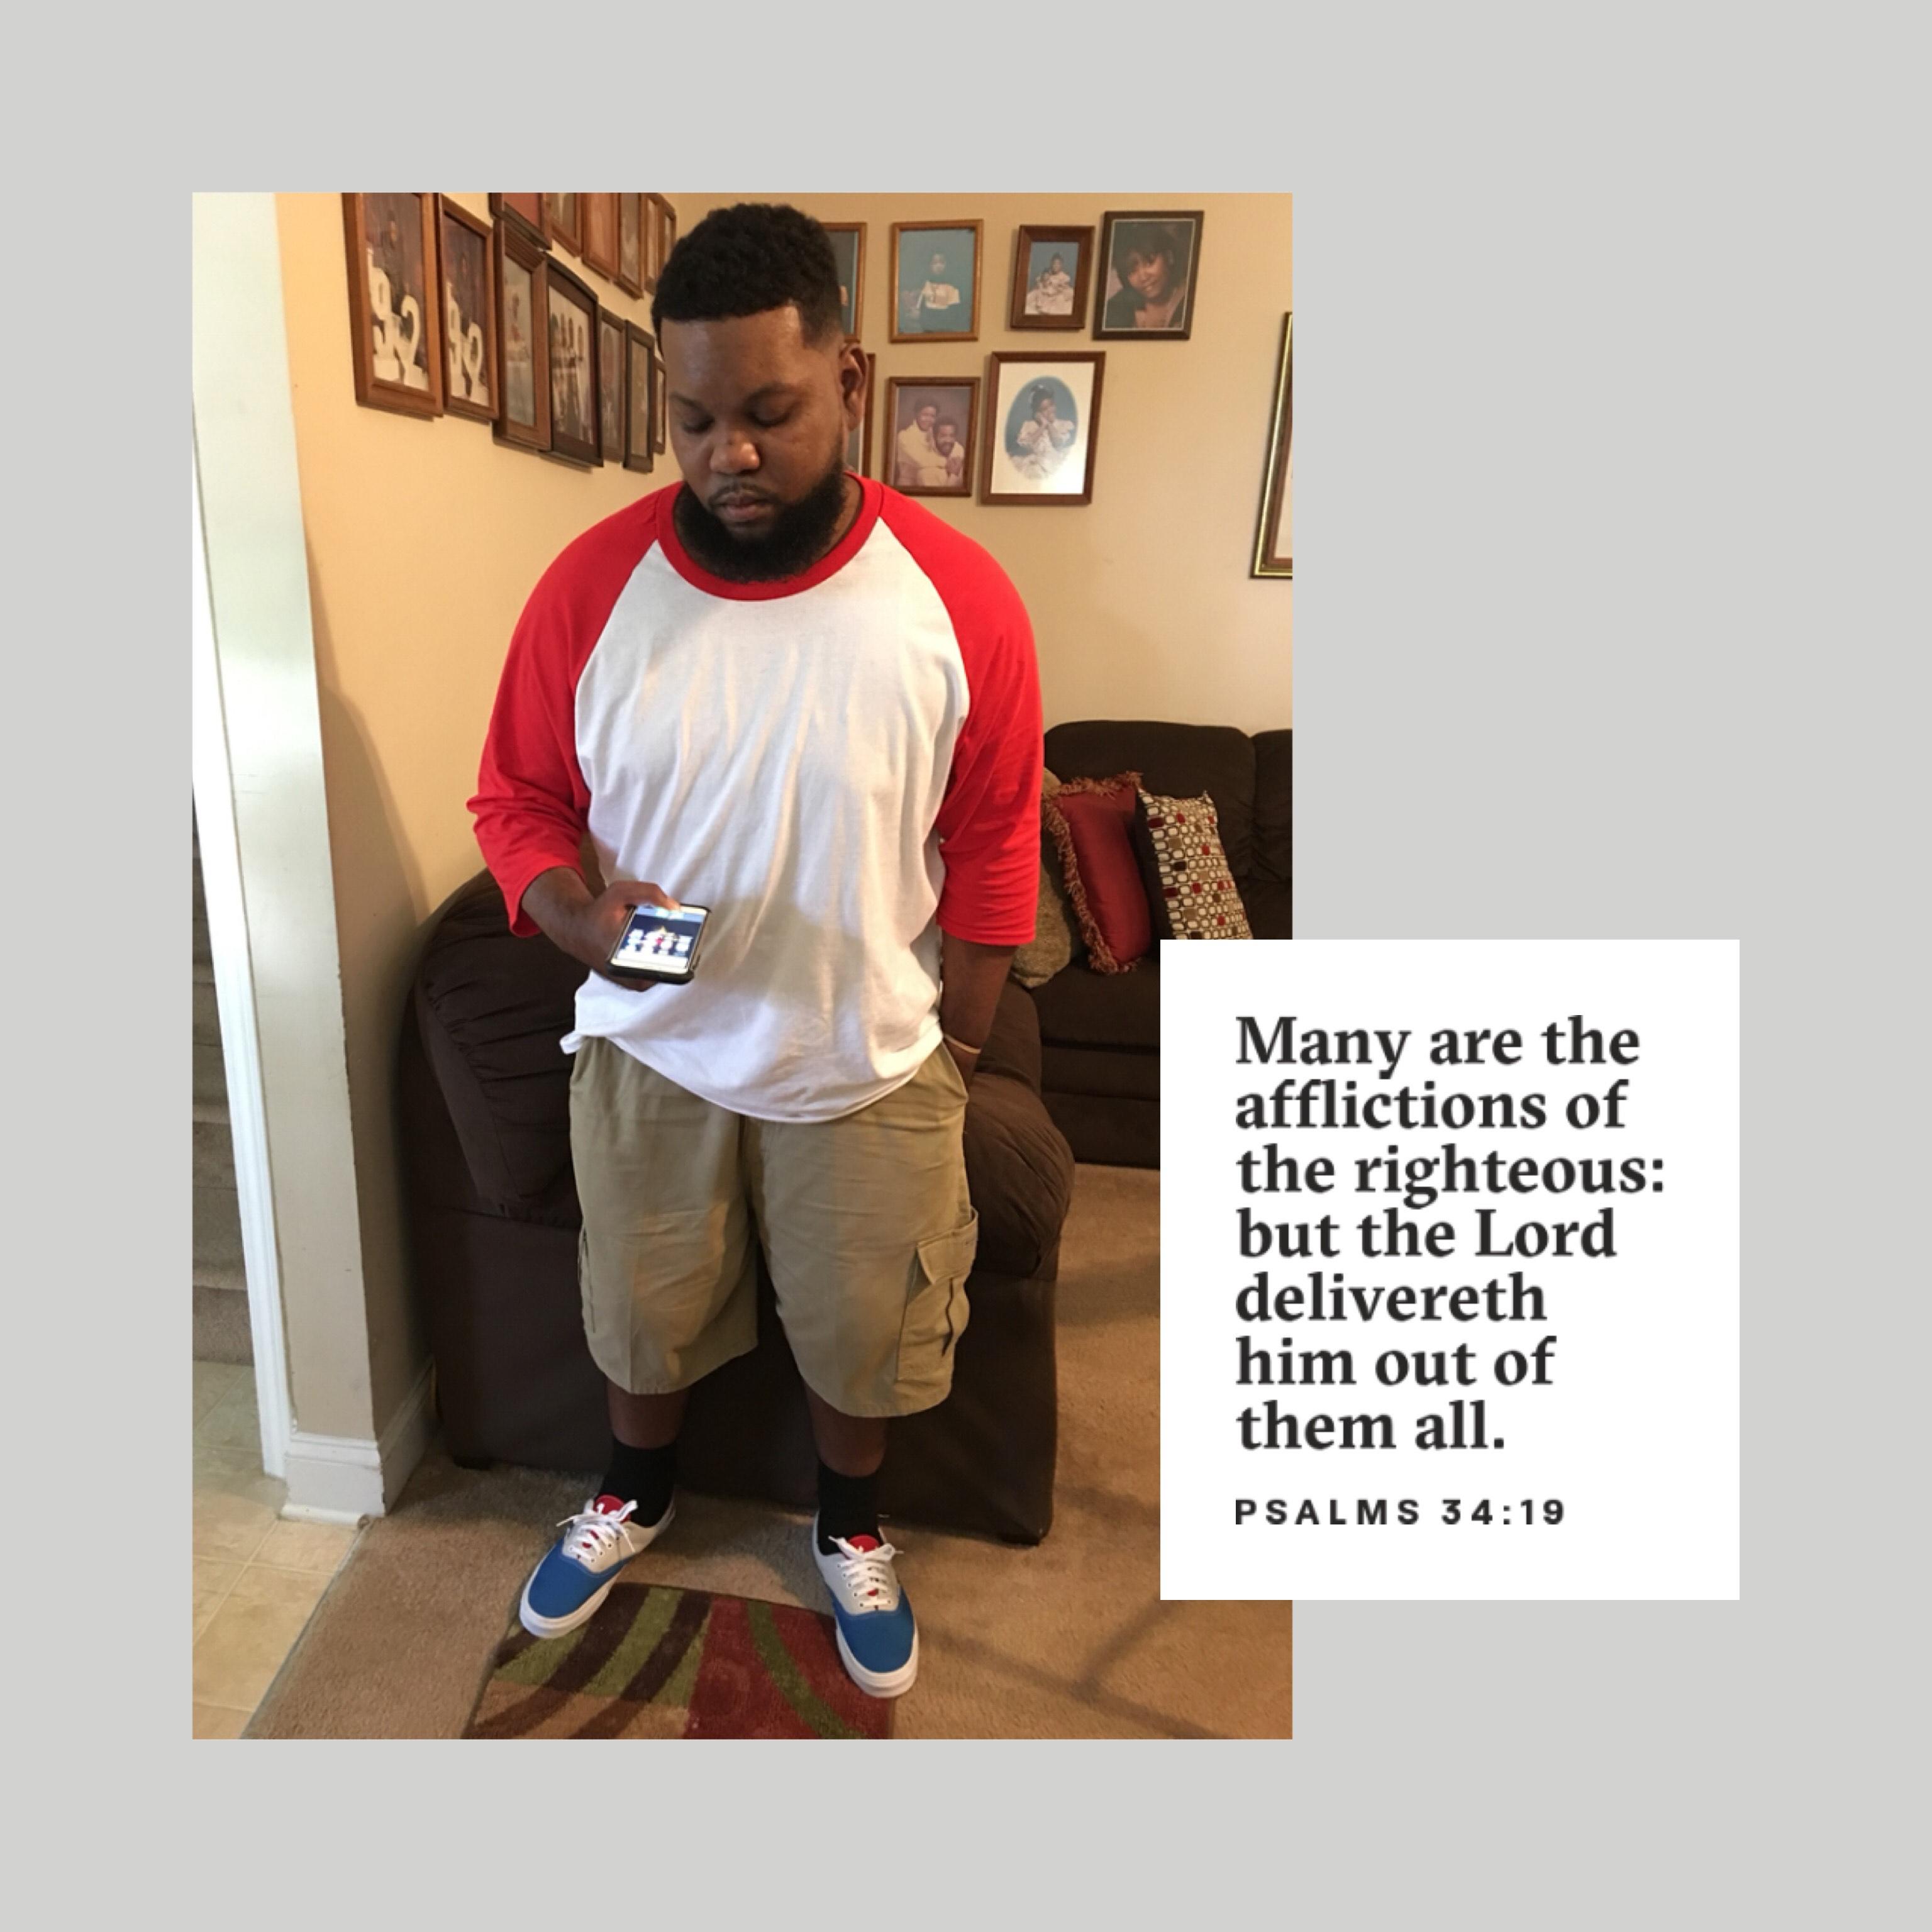 BibleLens_2018_12_08_07_39_10_1600